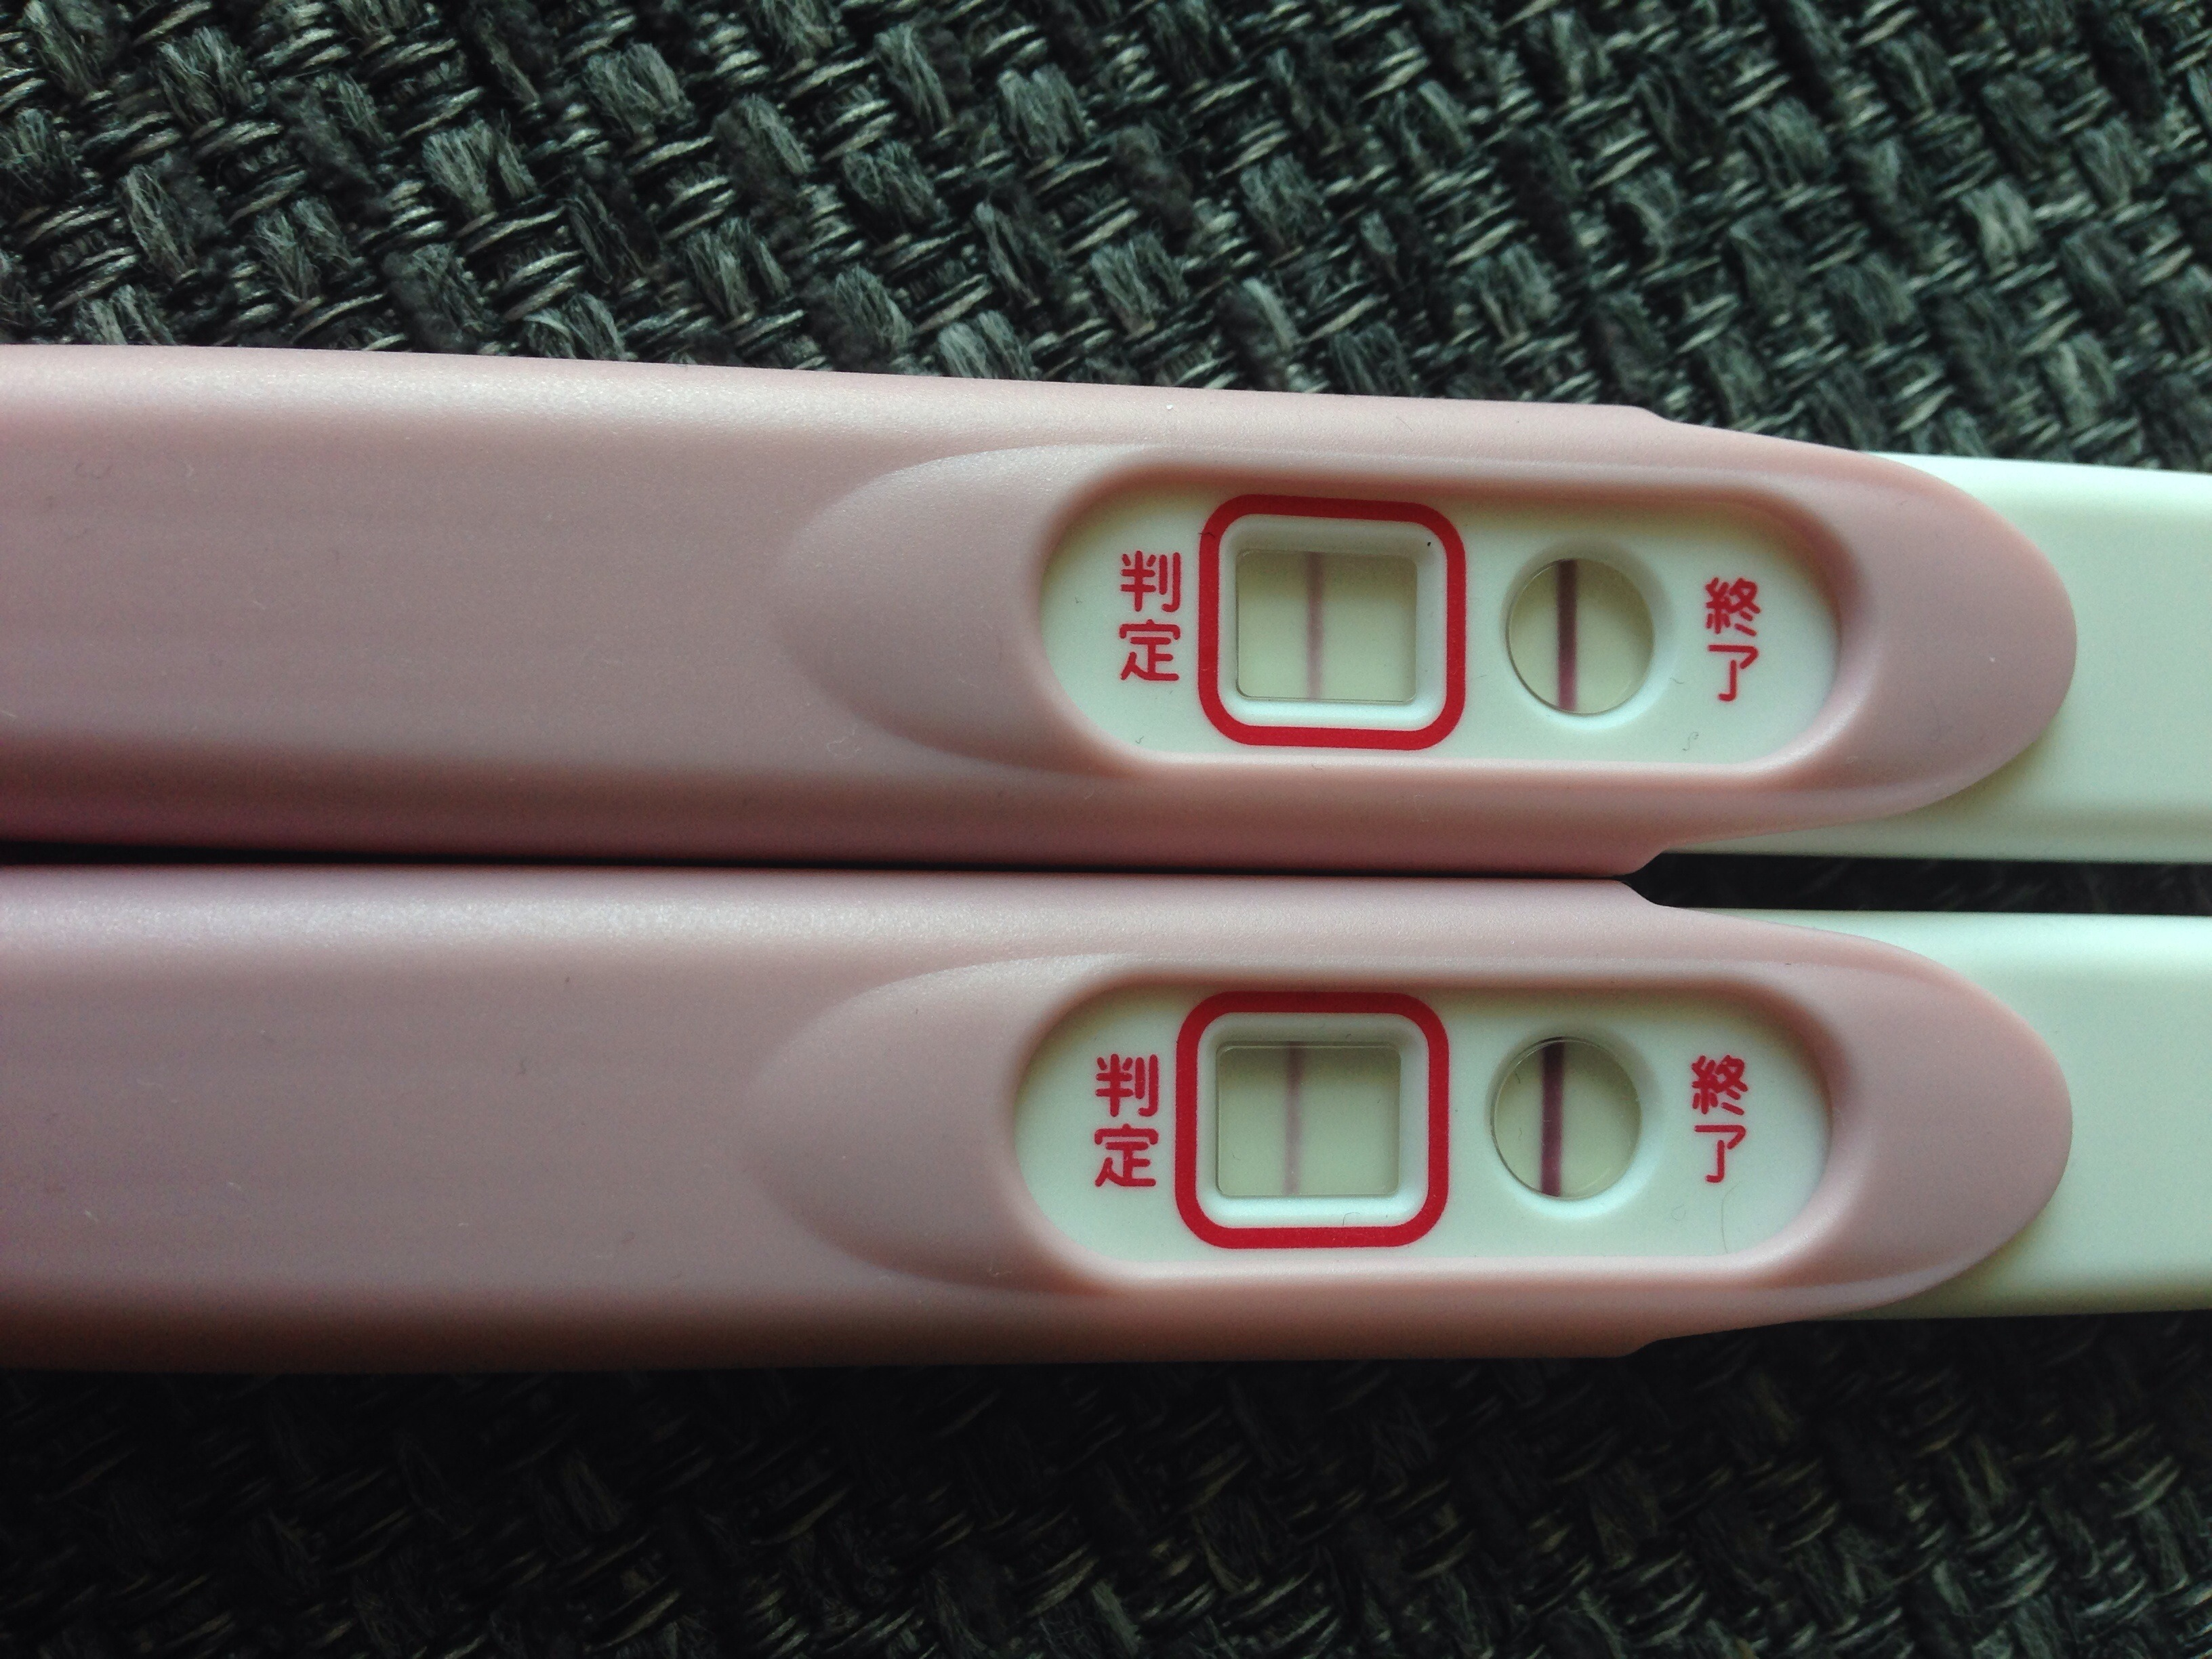 不良品 妊娠検査薬